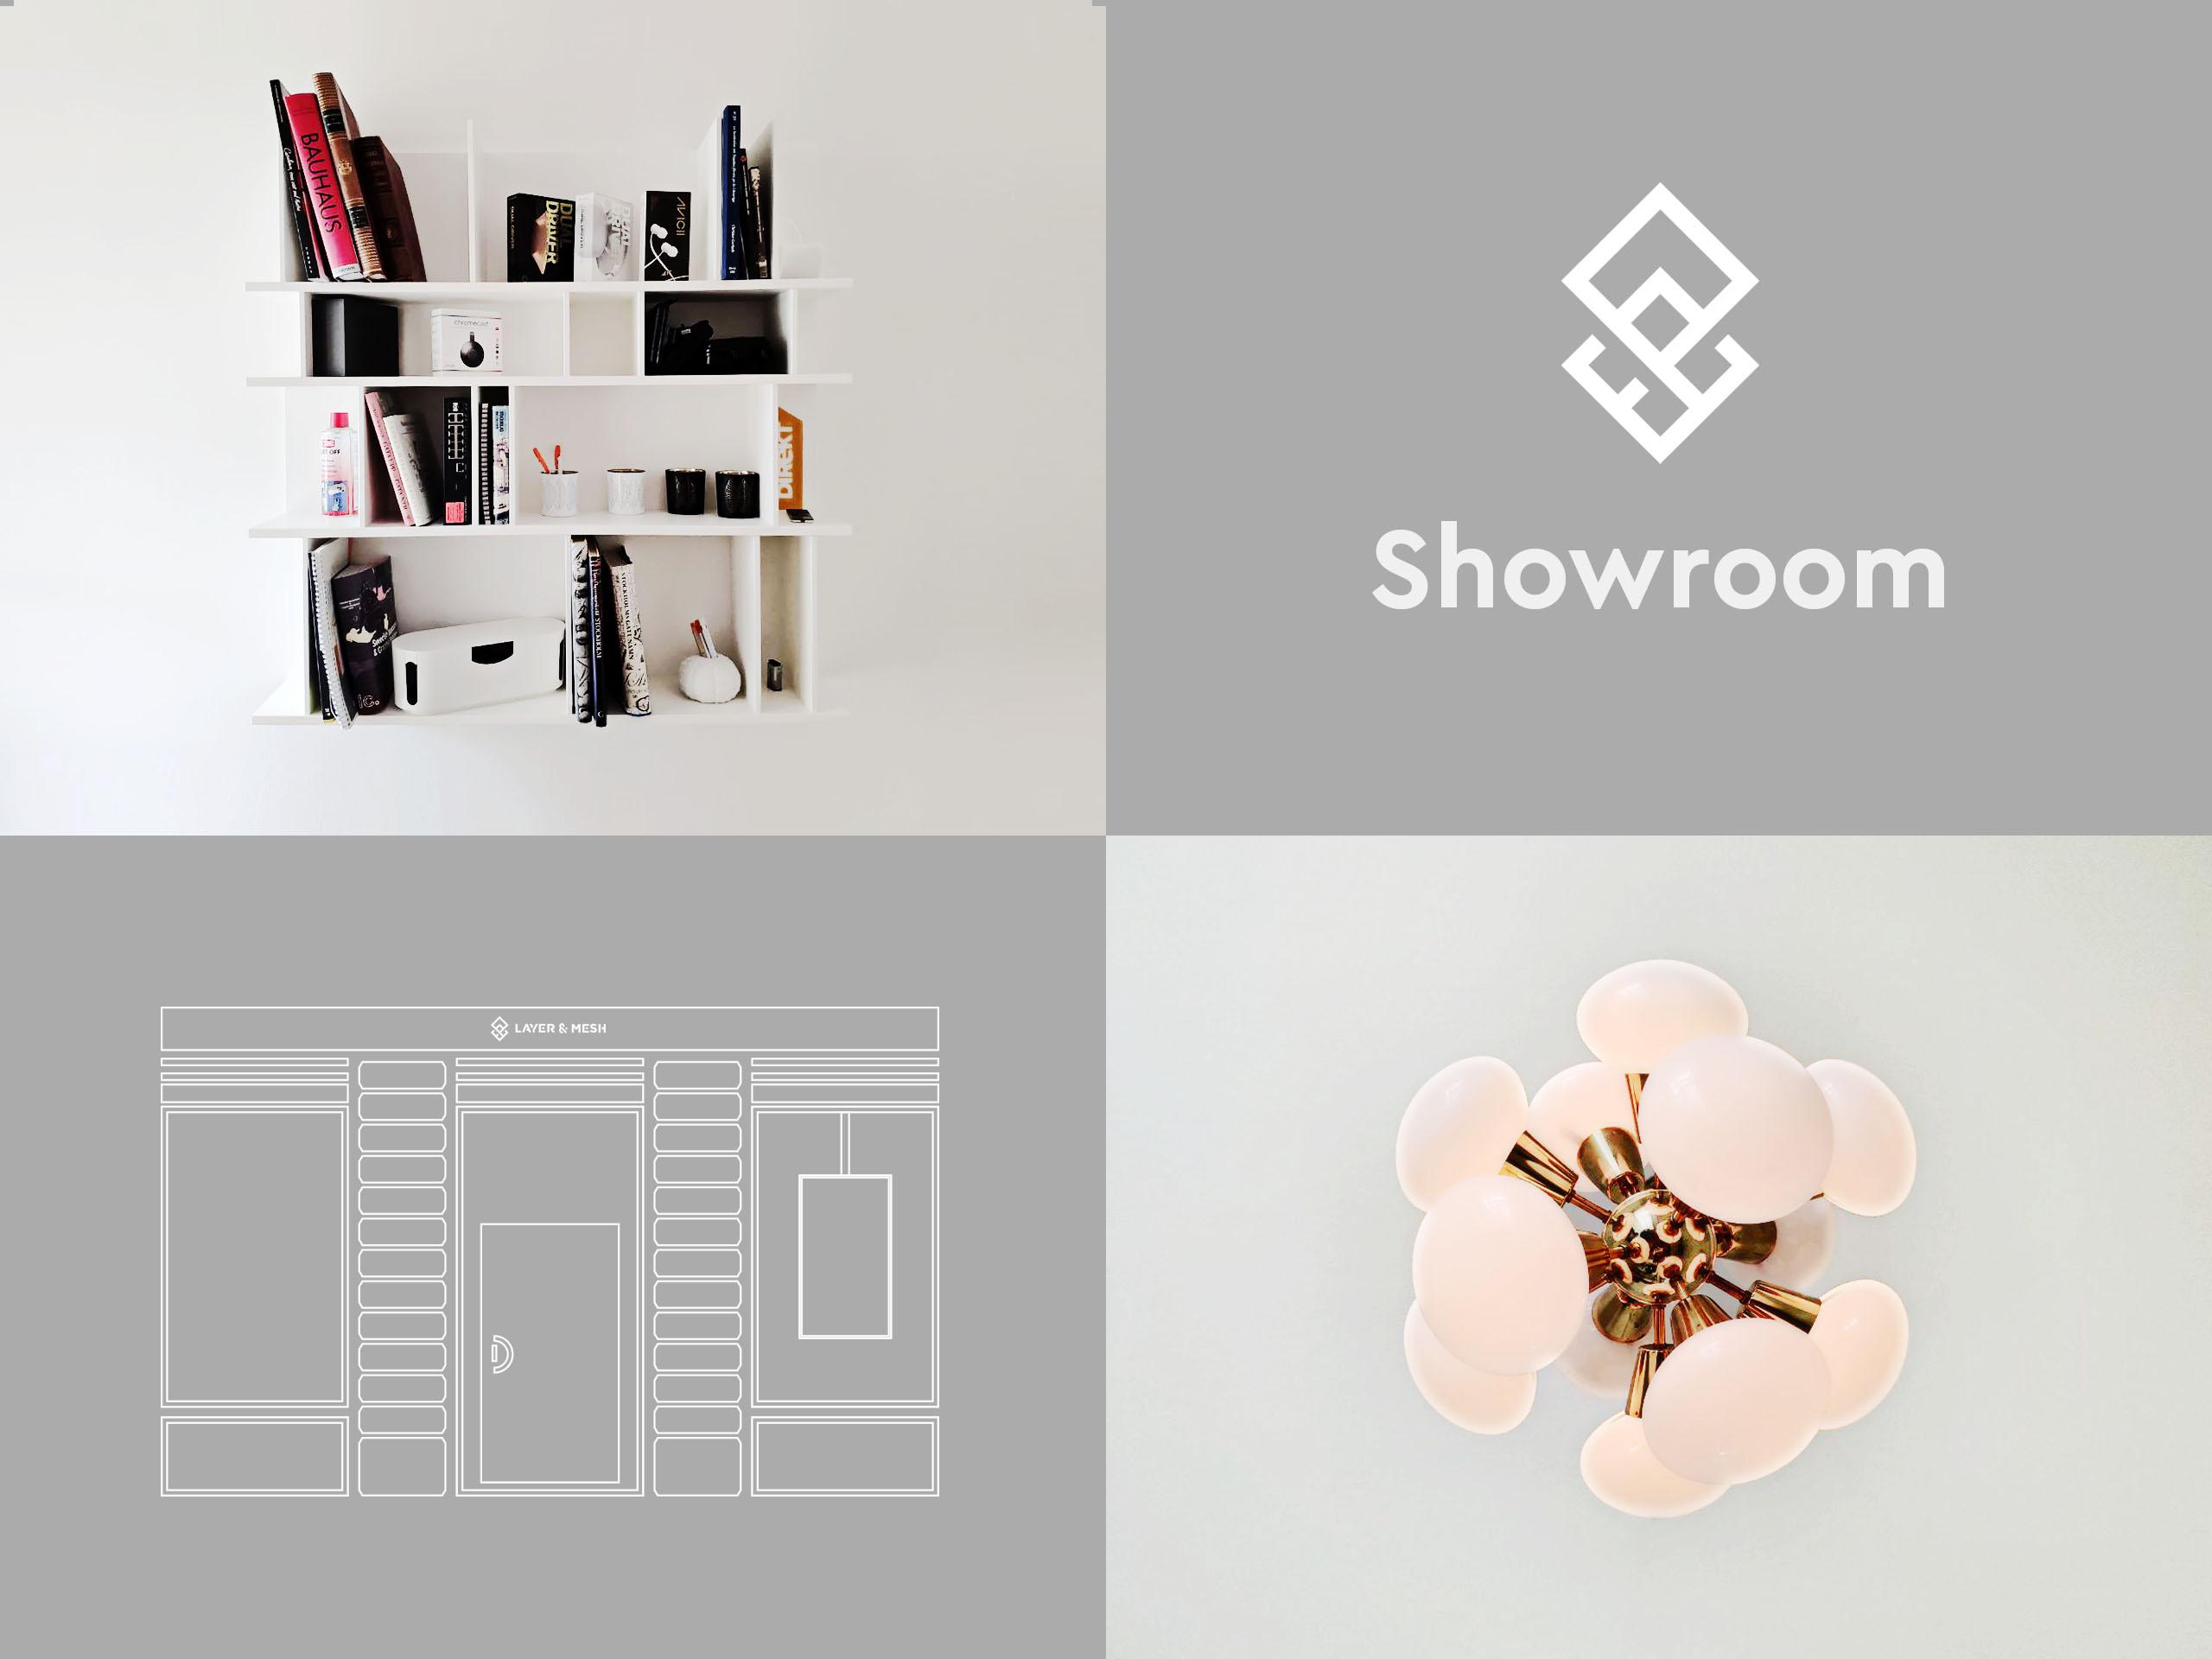 Ett kollage med fyra bilder. En vägghylla med böcker, en logotyp, en animerad bild på showroomets front samt den taklampa som finns i entren.